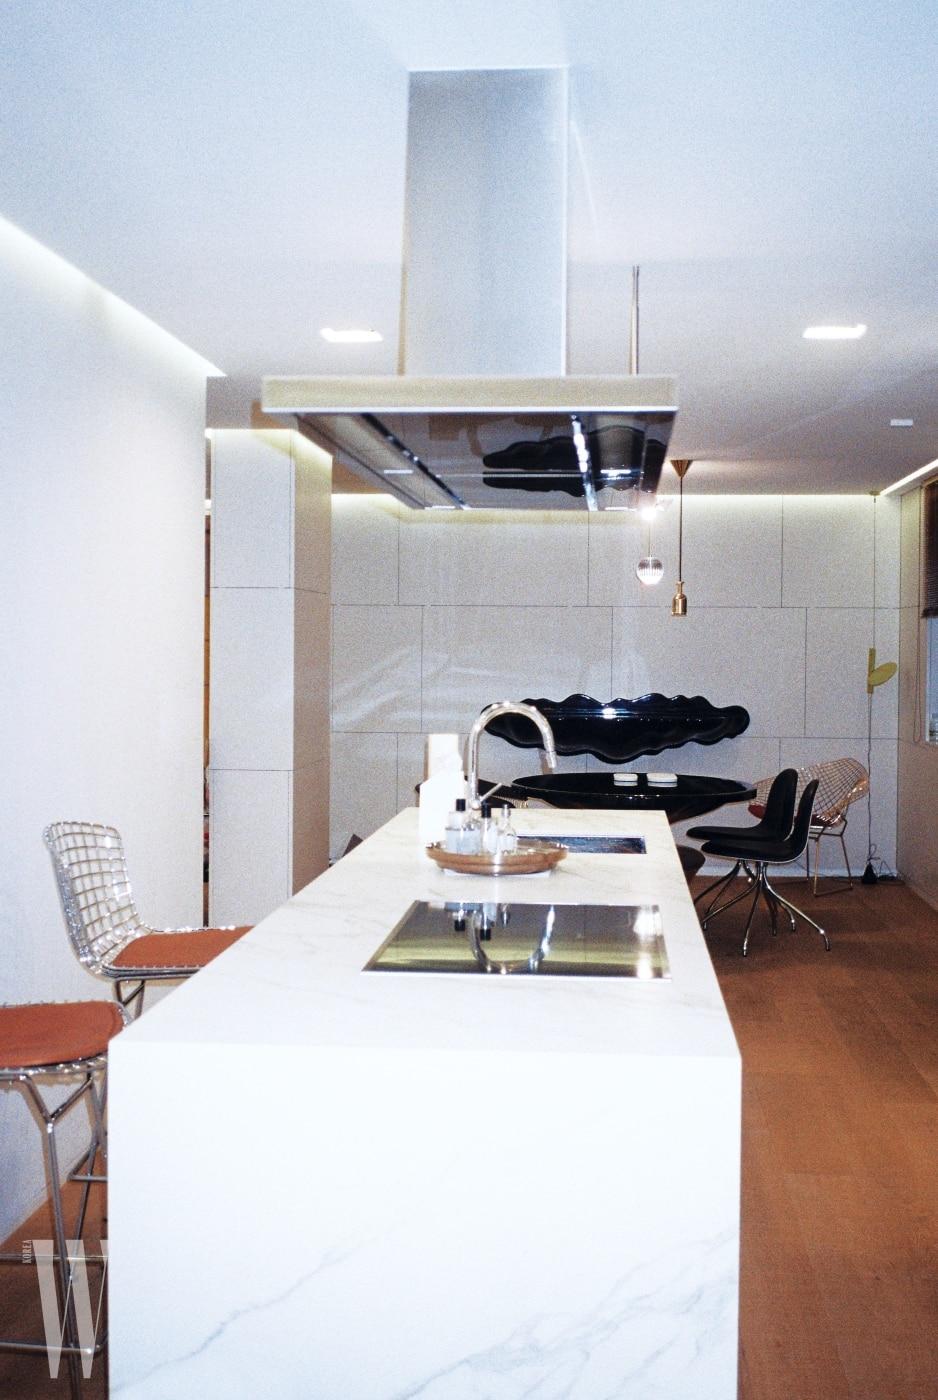 군더더기 없는 흰색과 스틸, 나무 바닥이 어우러진 주방과 다이닝 공간.